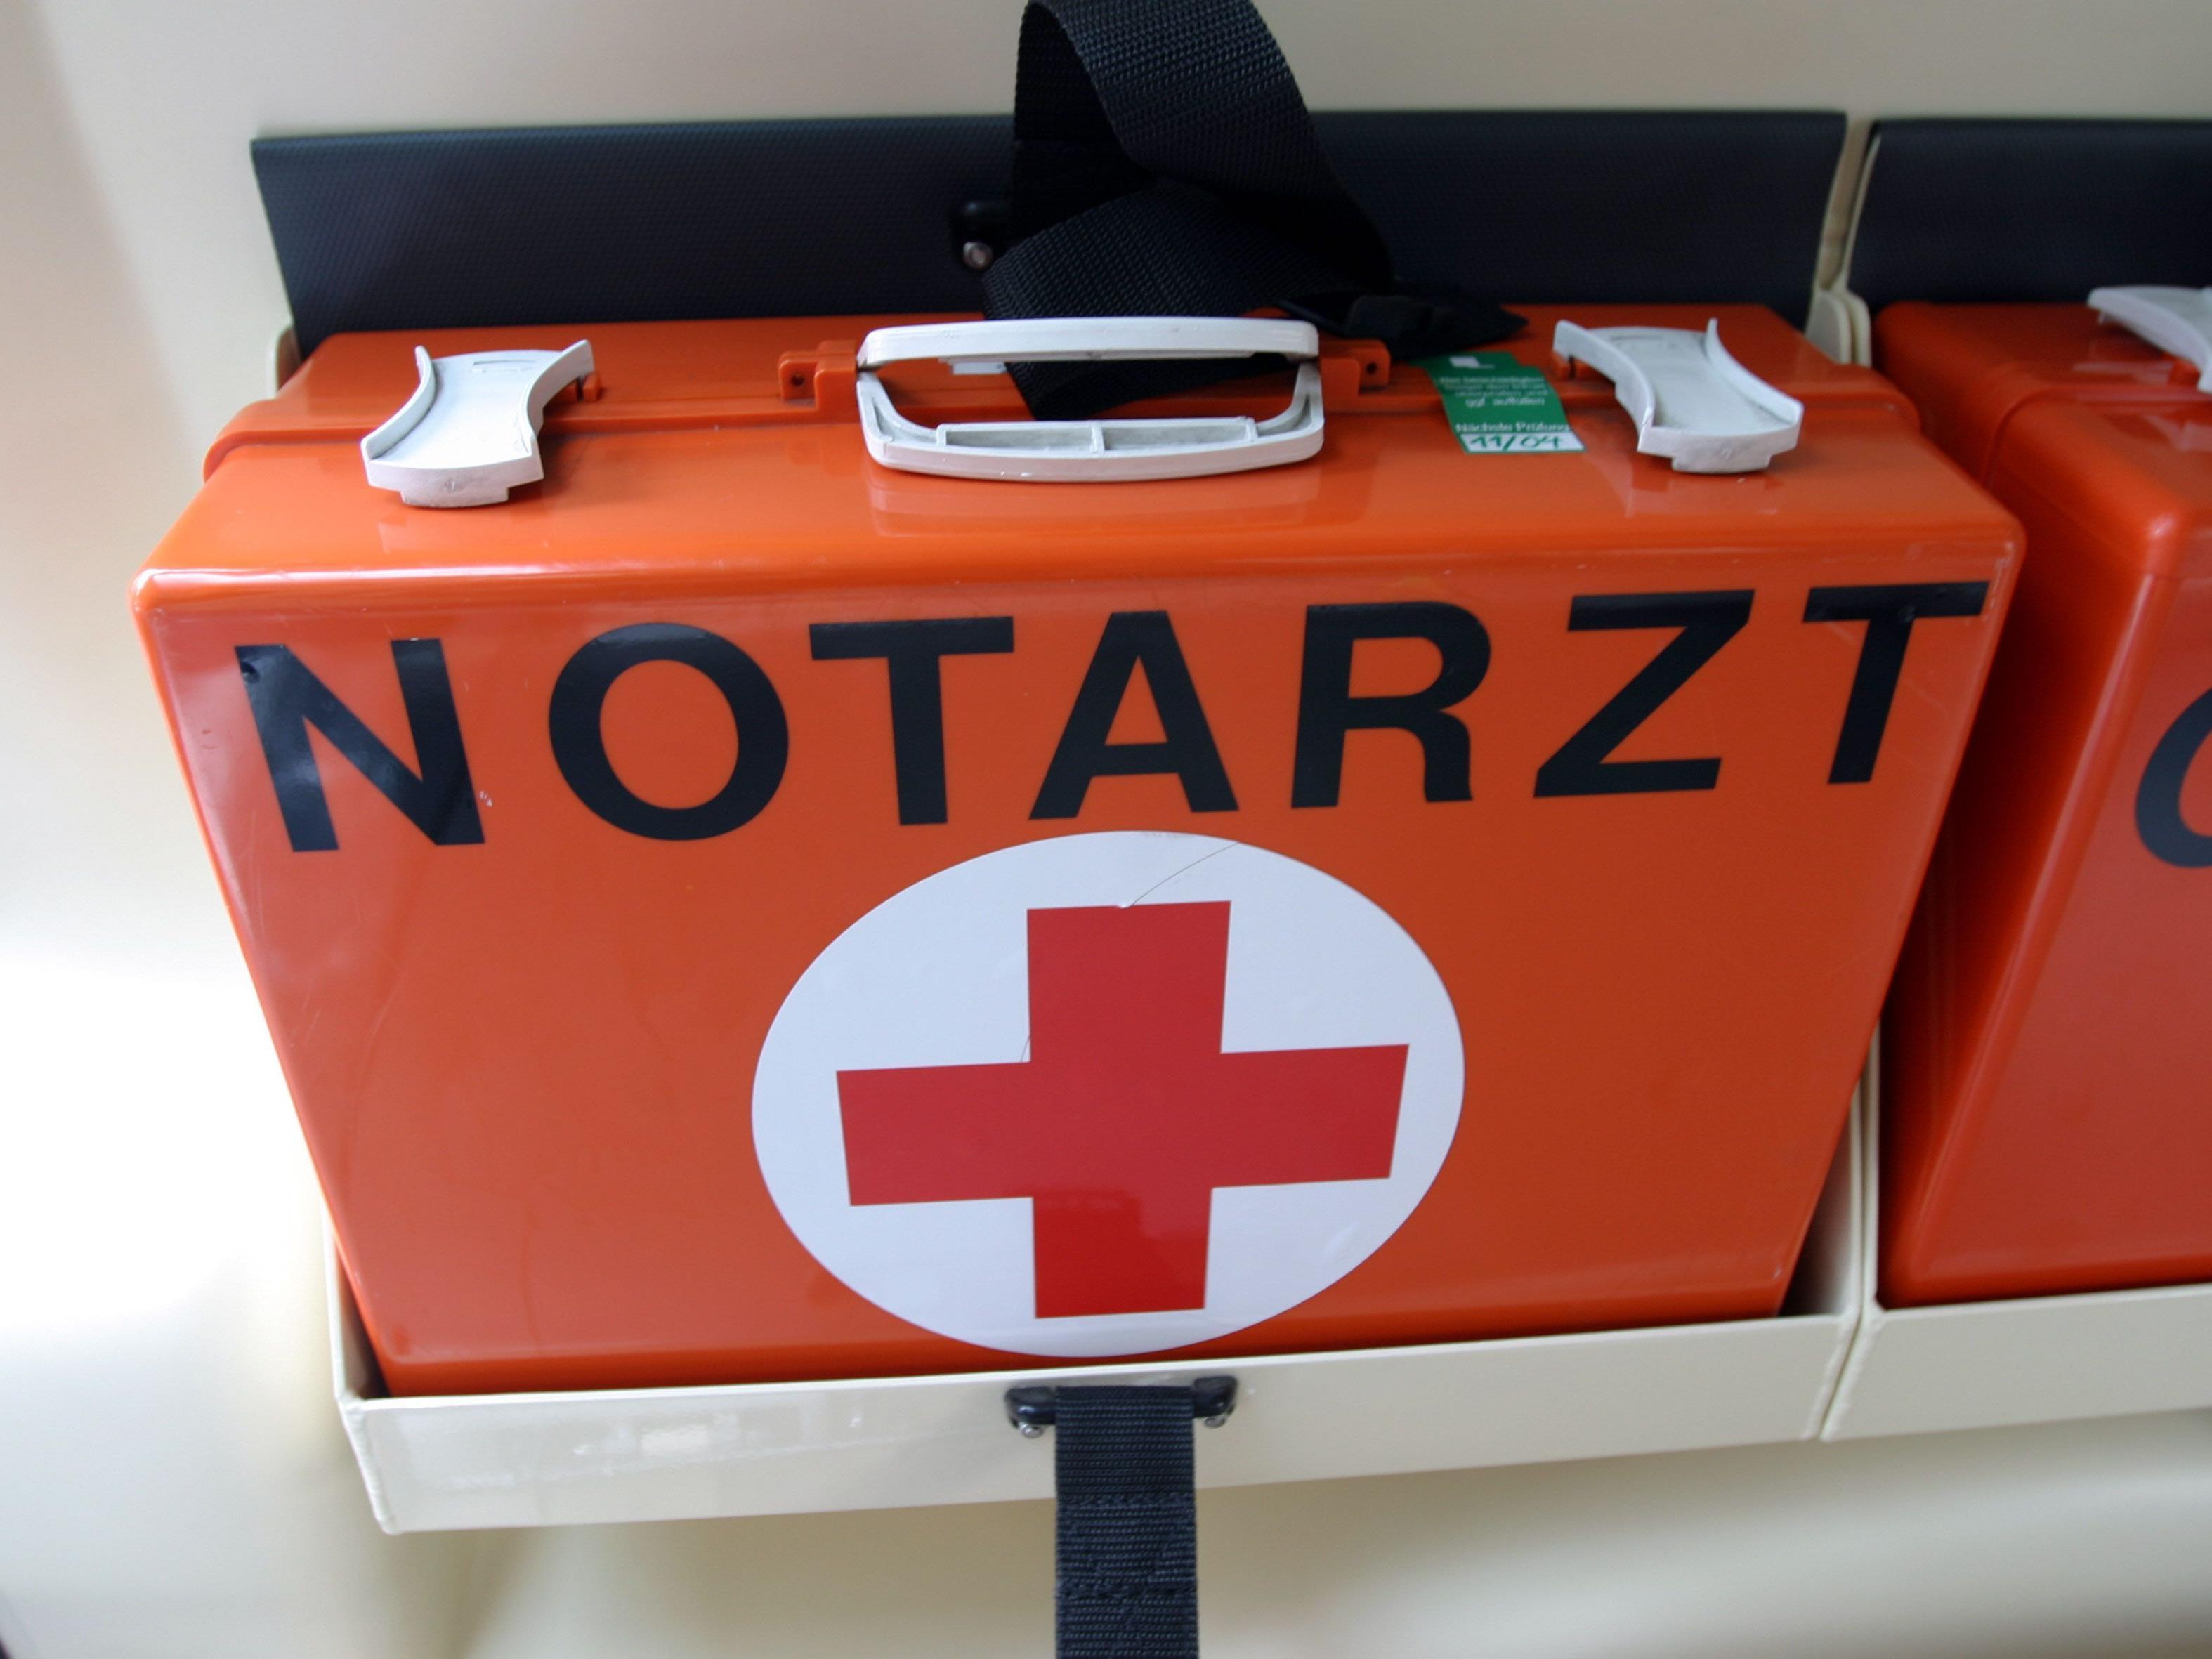 Der Salzburger wurde vom Notarzt reanimiert und befindet sich nun im künstlichen Tiefschlaf.